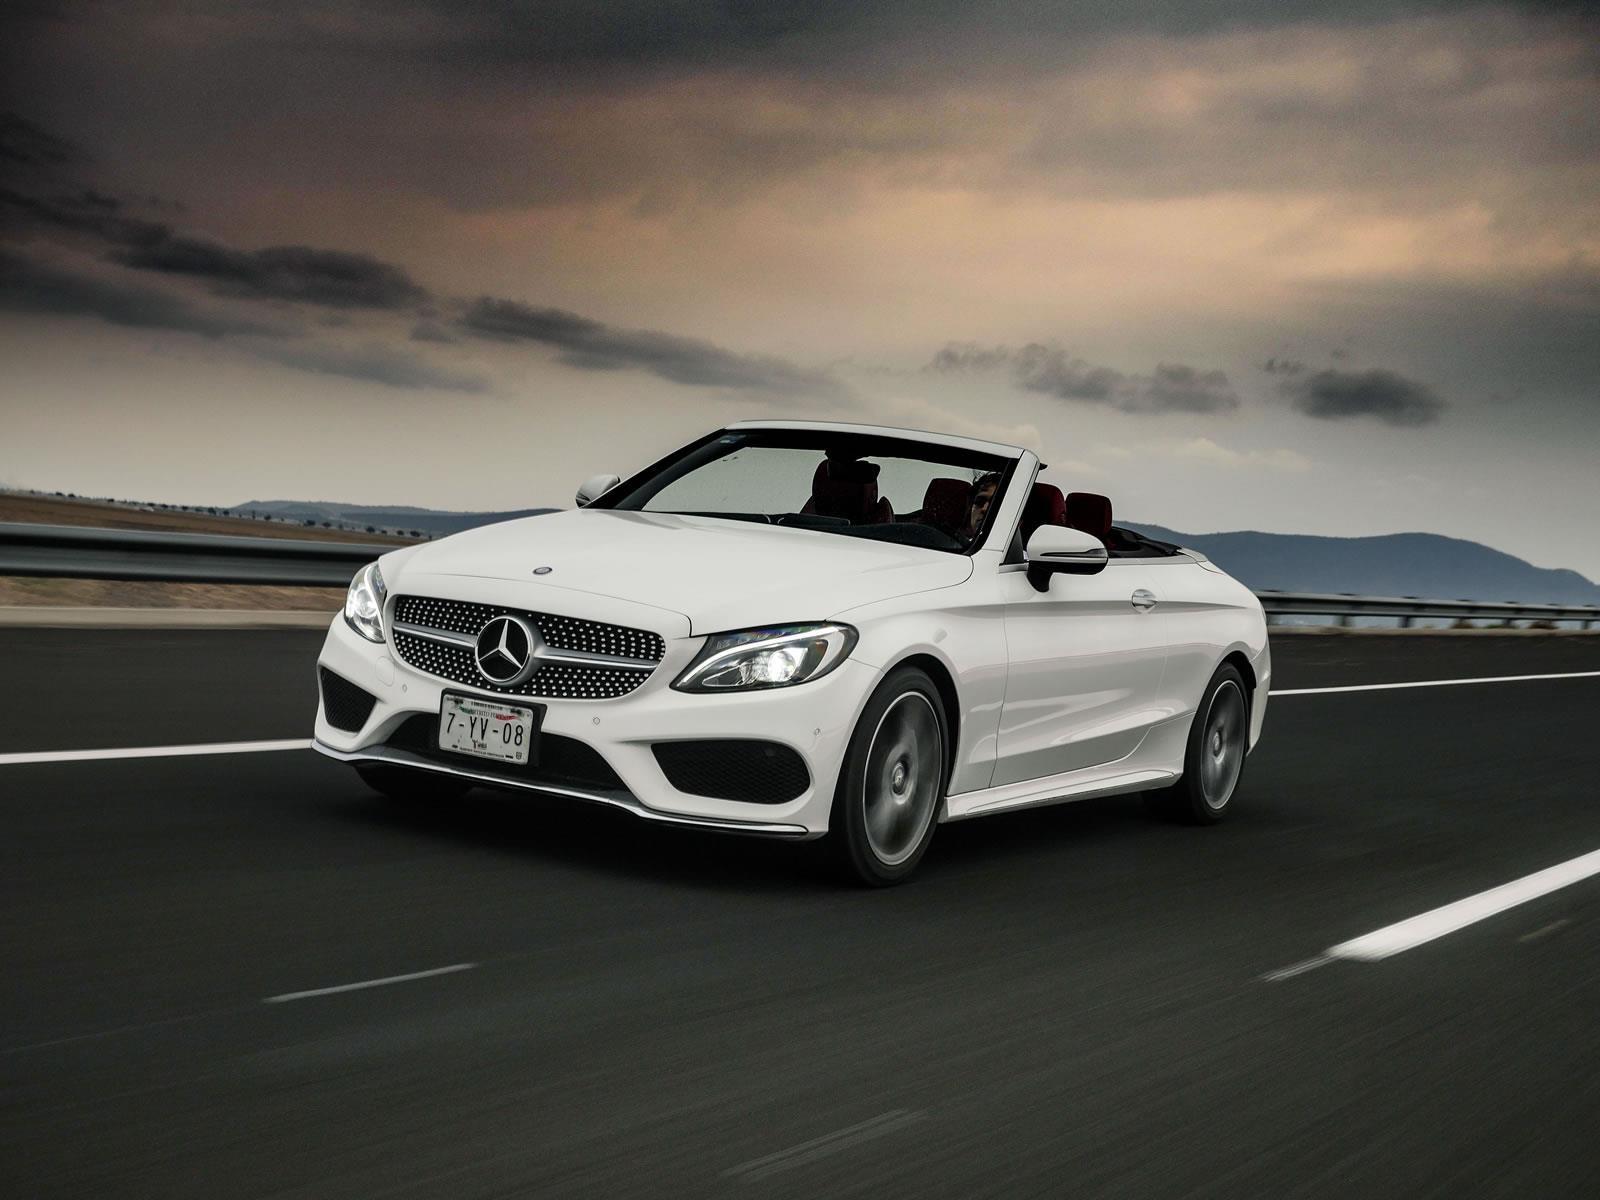 Manejamos el Mercedes-Benz C250 Cabriolet 2017